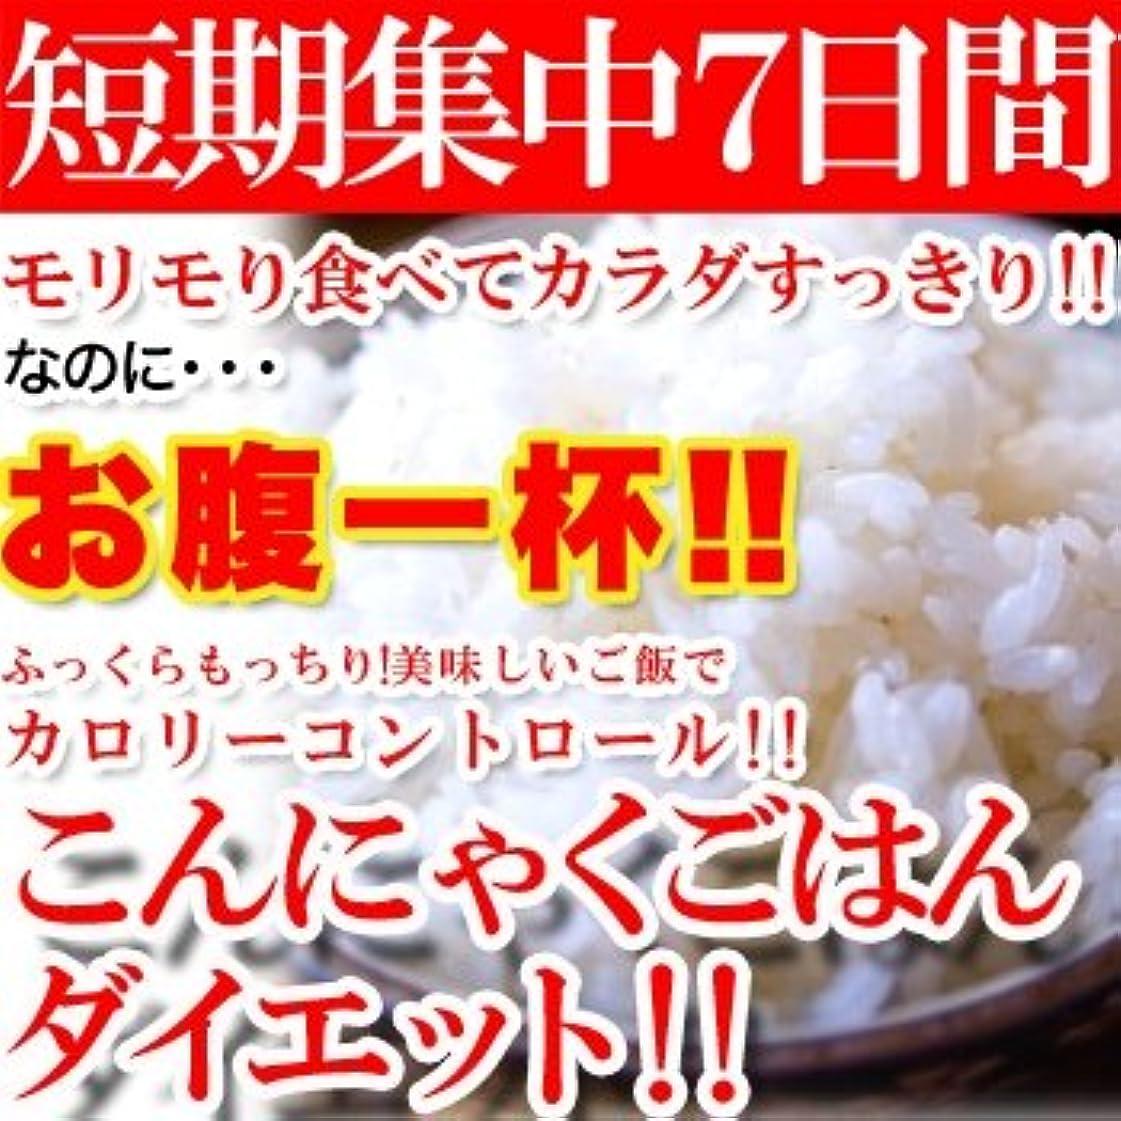 選出する香り年次【短期集中☆】7日間こんにゃくごはんダイエット! 4個セット ※「白いご飯」、「炭水化物」好きの方必見!いつものご飯に混ぜて炊くだけ!